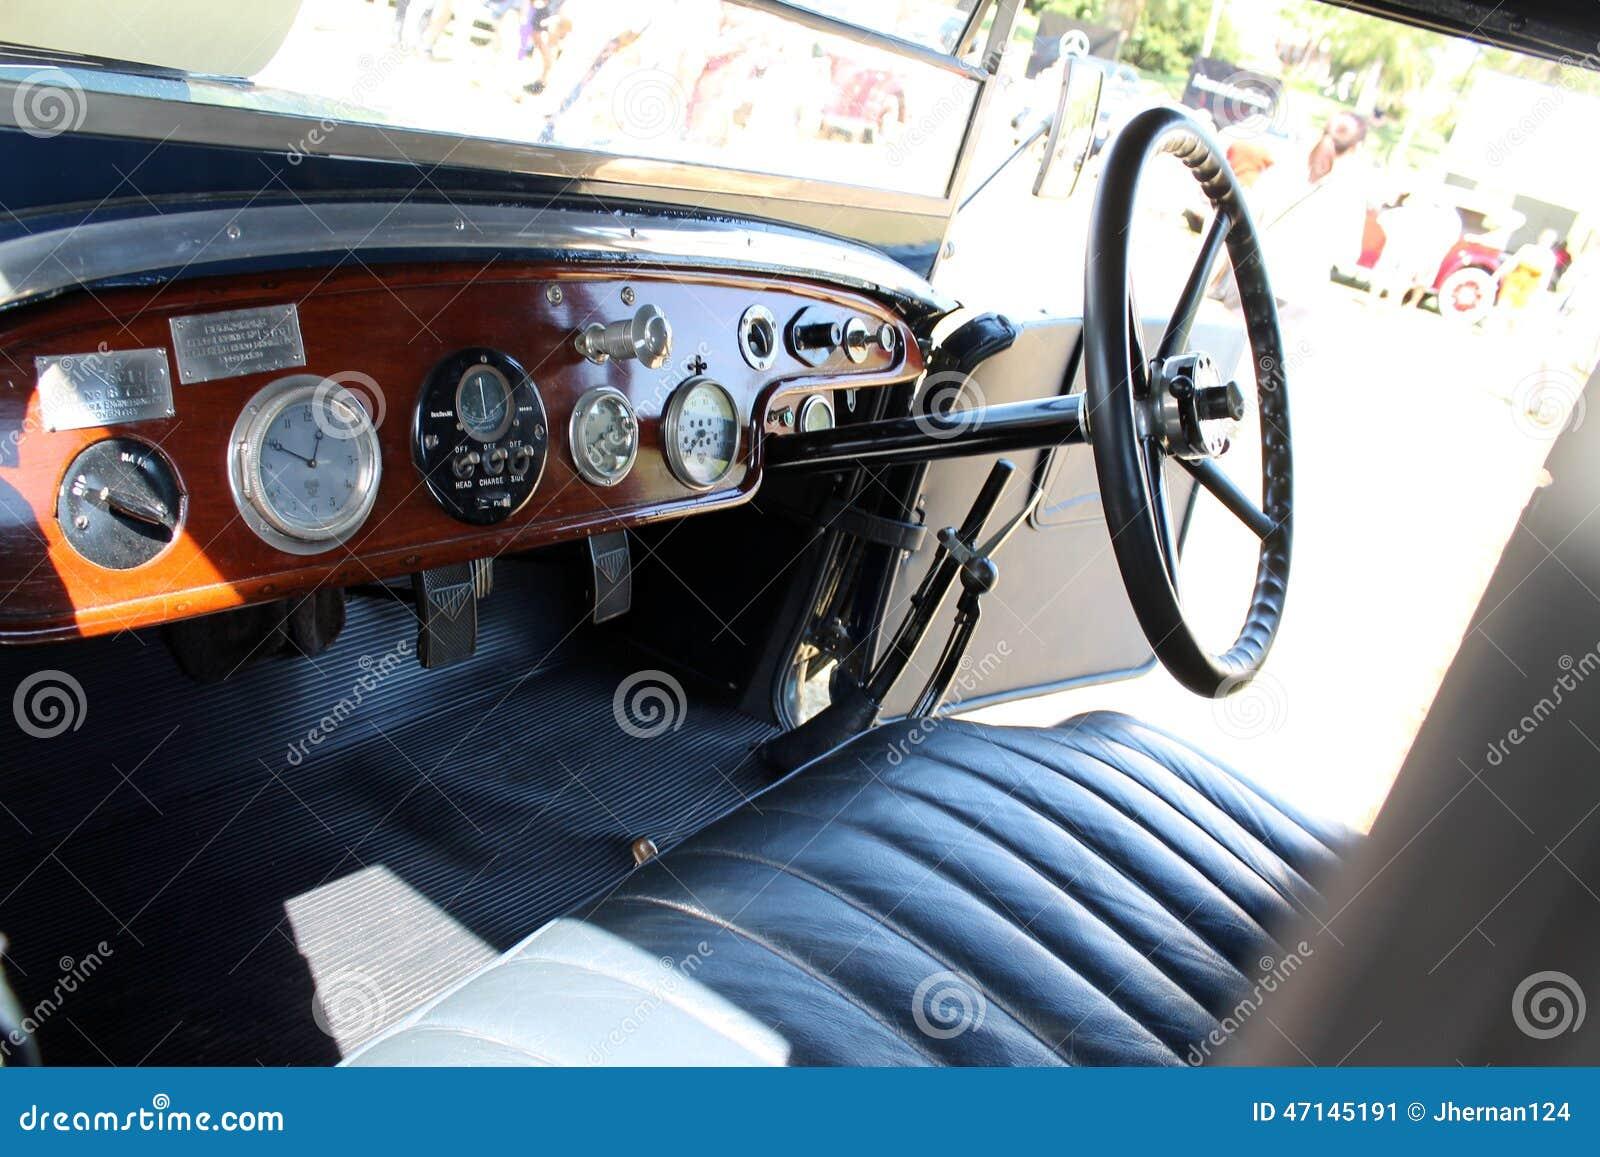 Vieil int rieur de voiture ancienne photo ditorial for Interieur voiture